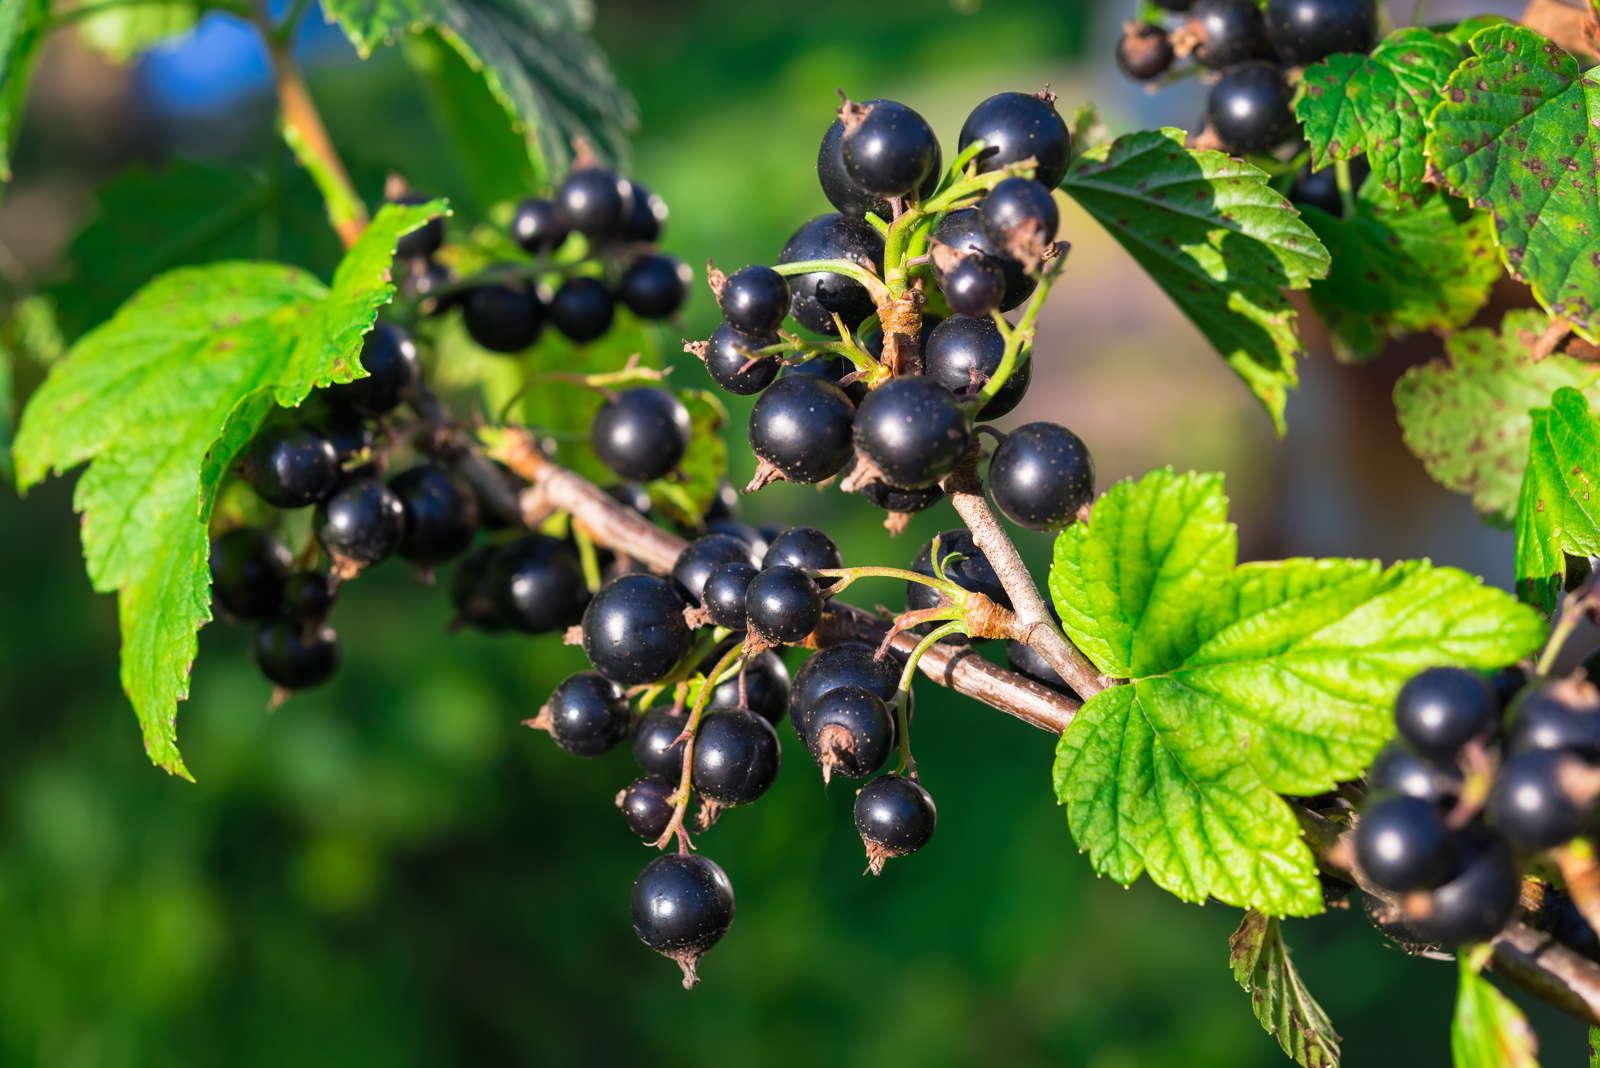 Schwarze Johannisbeere Pflanze besonders große Beeren milder Geschmack BONA